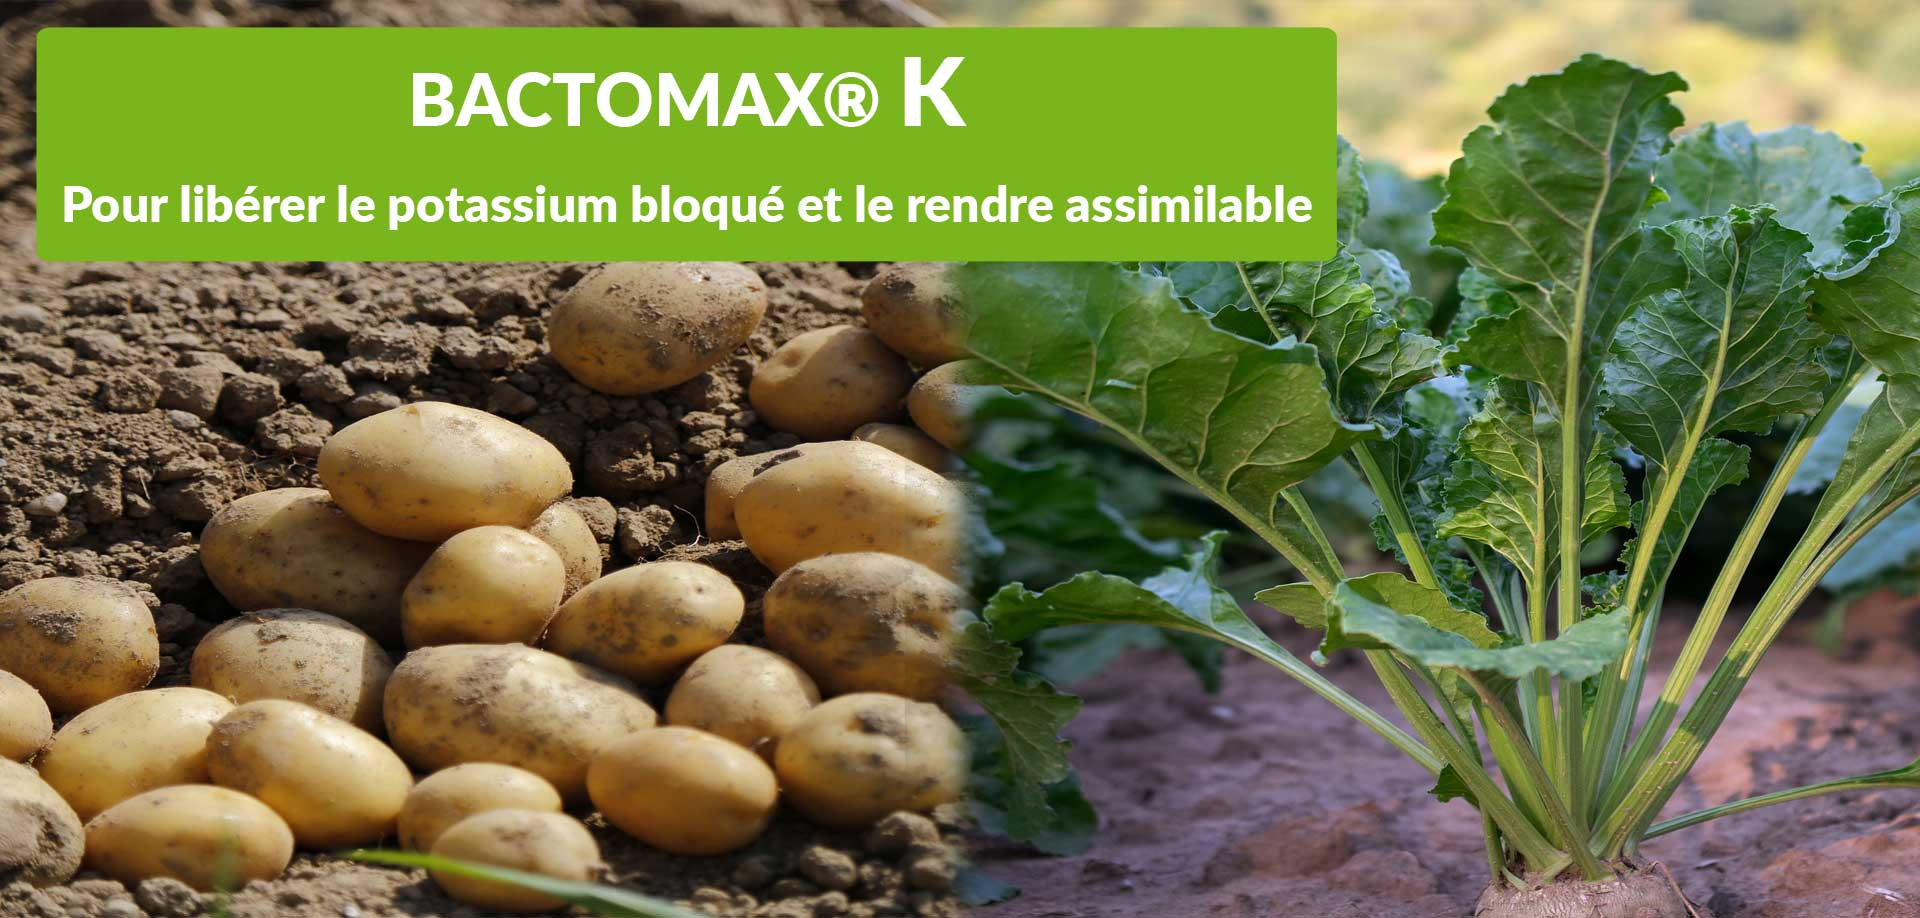 Pour l'assimilation du potassium